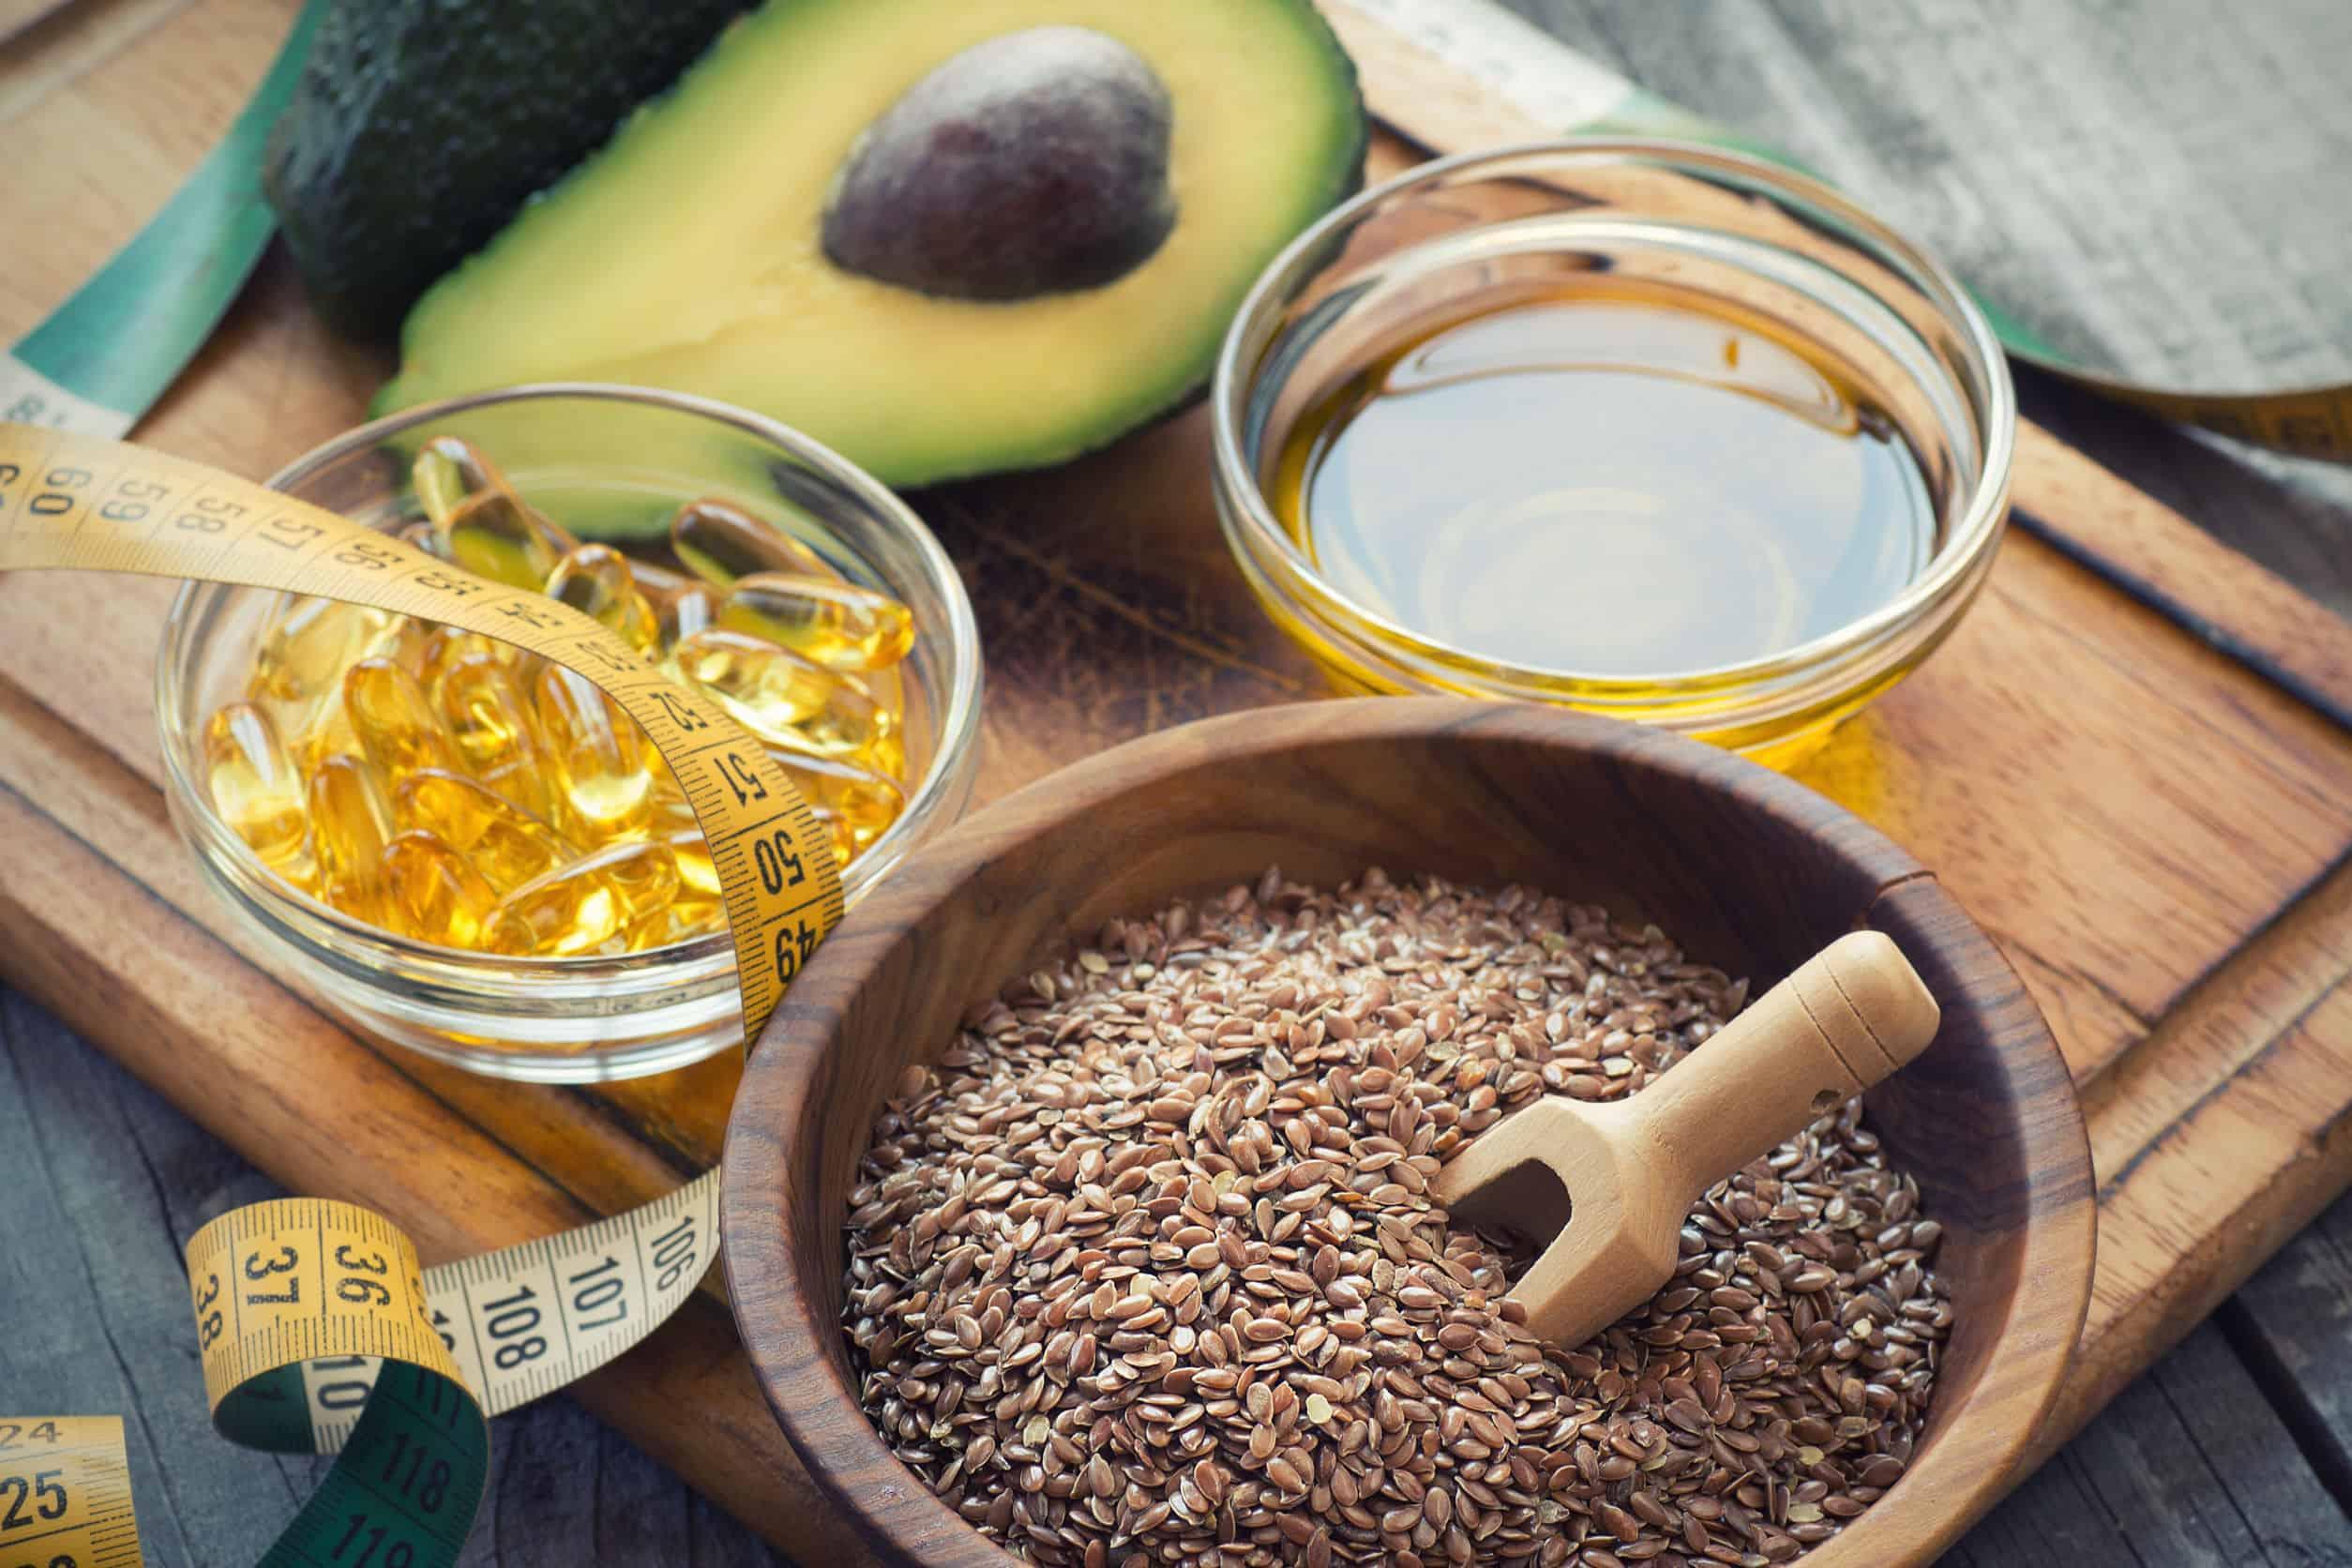 Stoffwechseldiät: Was bringt die Diät wirklich?